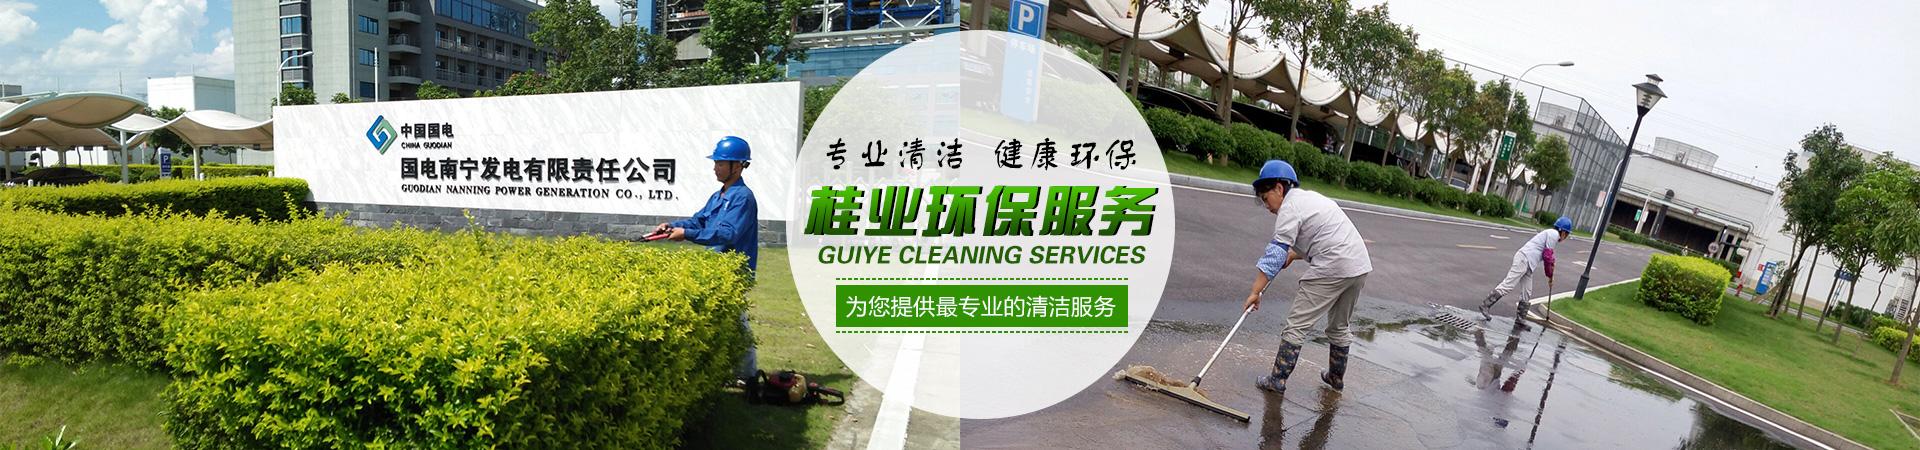 钦州专业保洁公司,钦州道路清扫保洁,钦州写字楼保洁